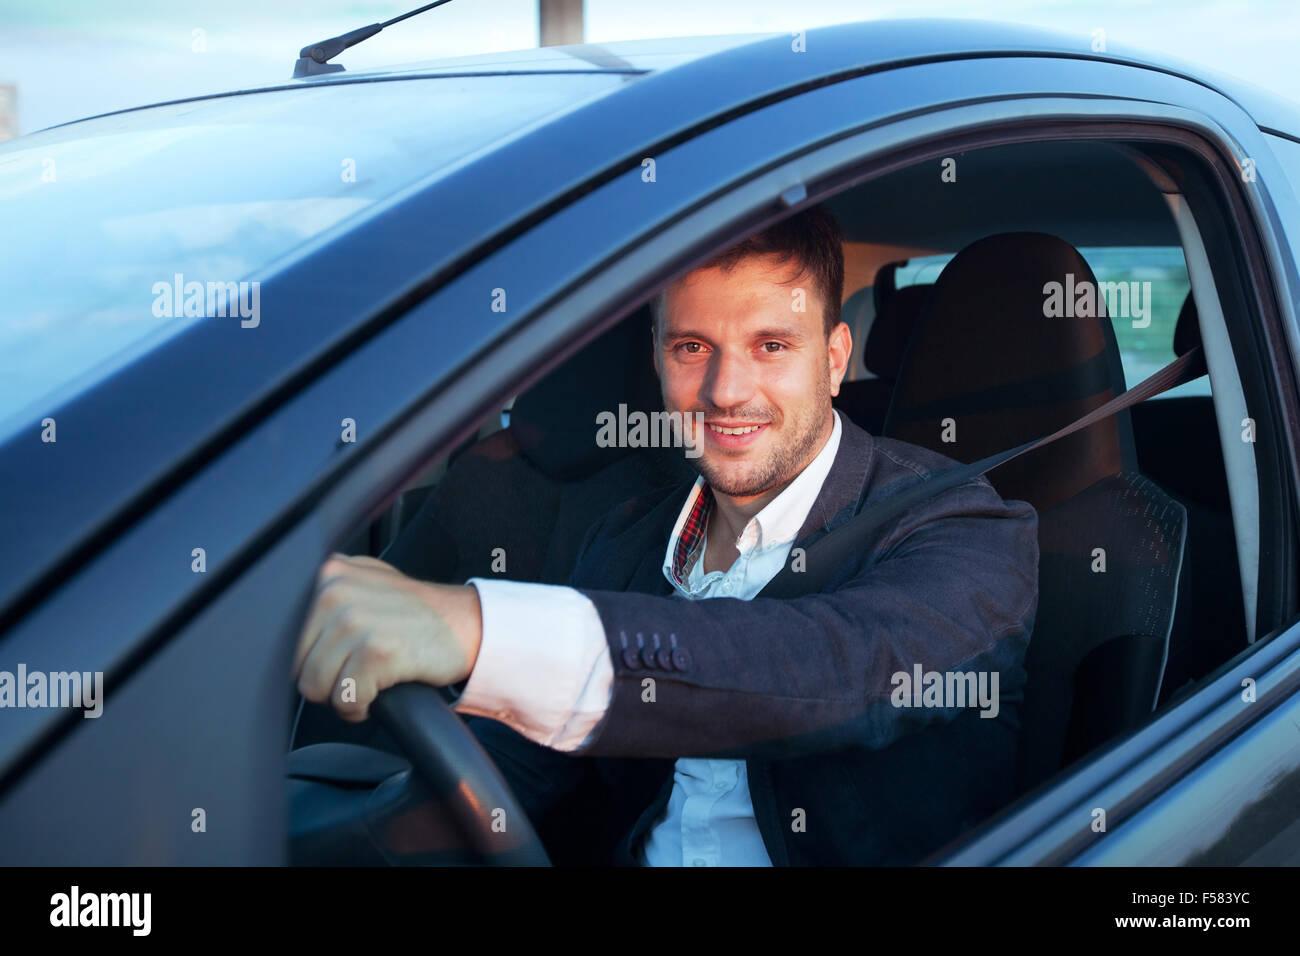 Mieten Sie ein Auto, lächelt glücklich kaukasischen Jüngling fahren Stockbild